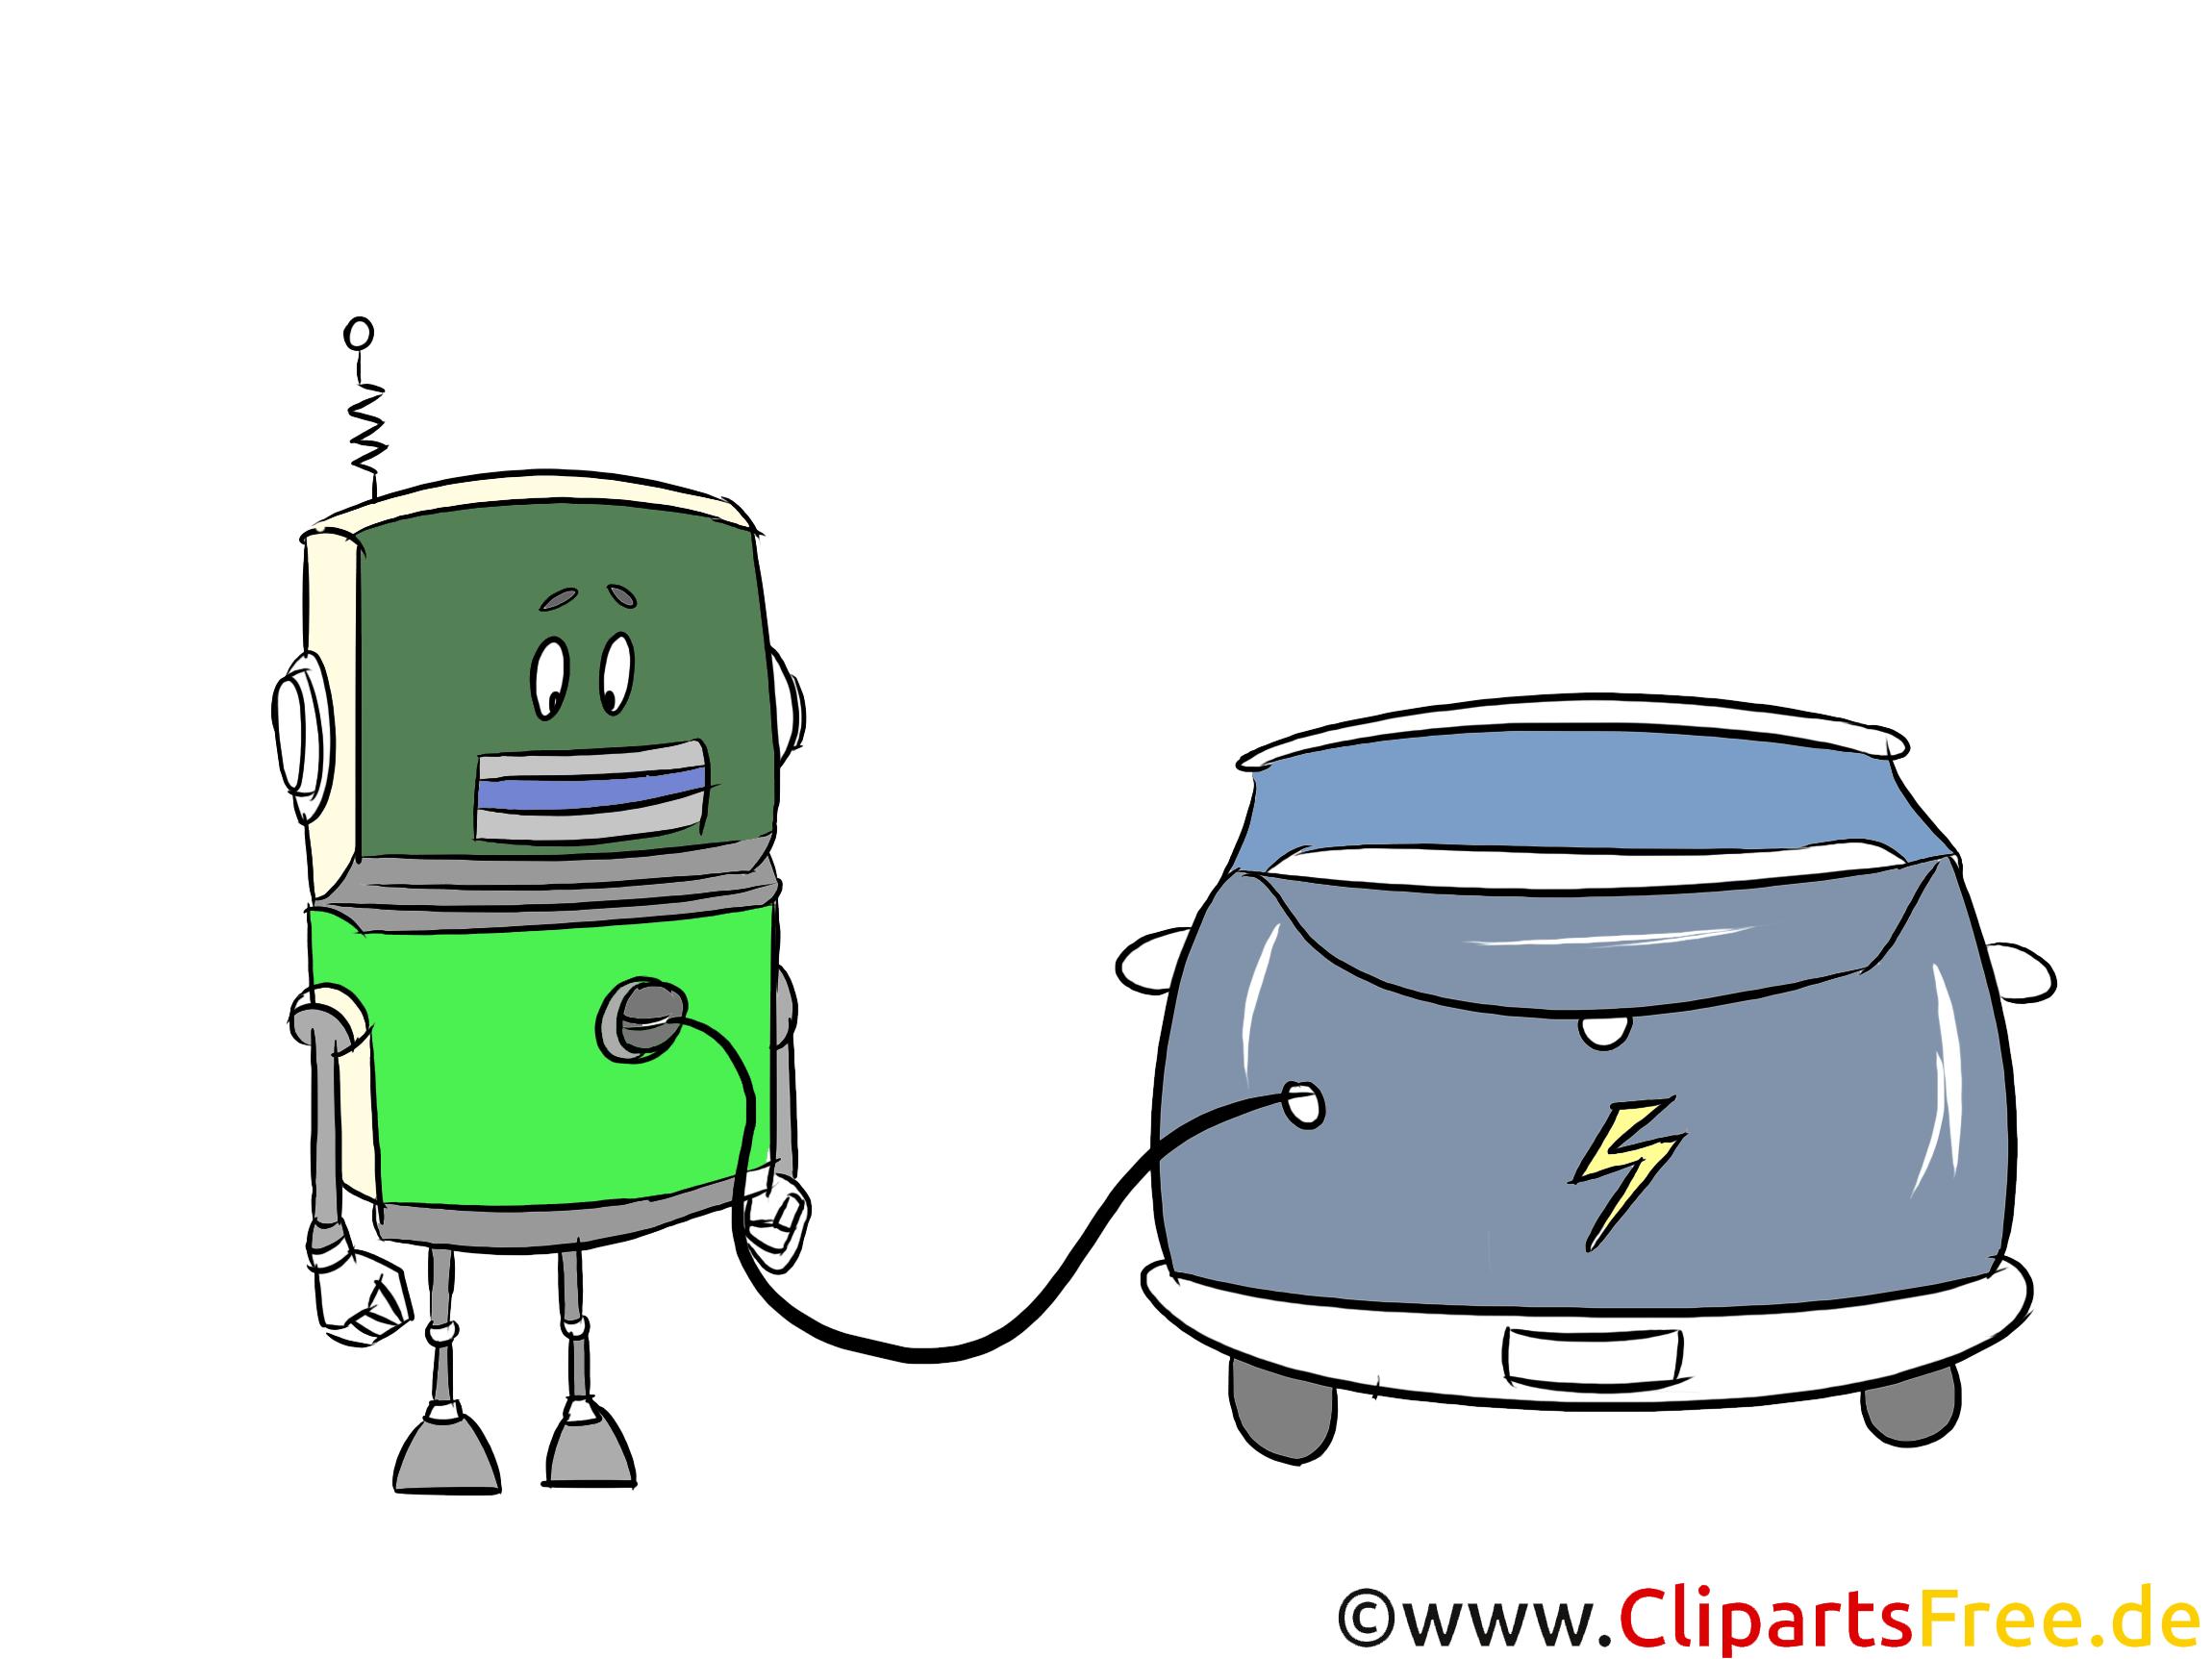 Roboter, e-Auto Clipart, Grafik, Bild